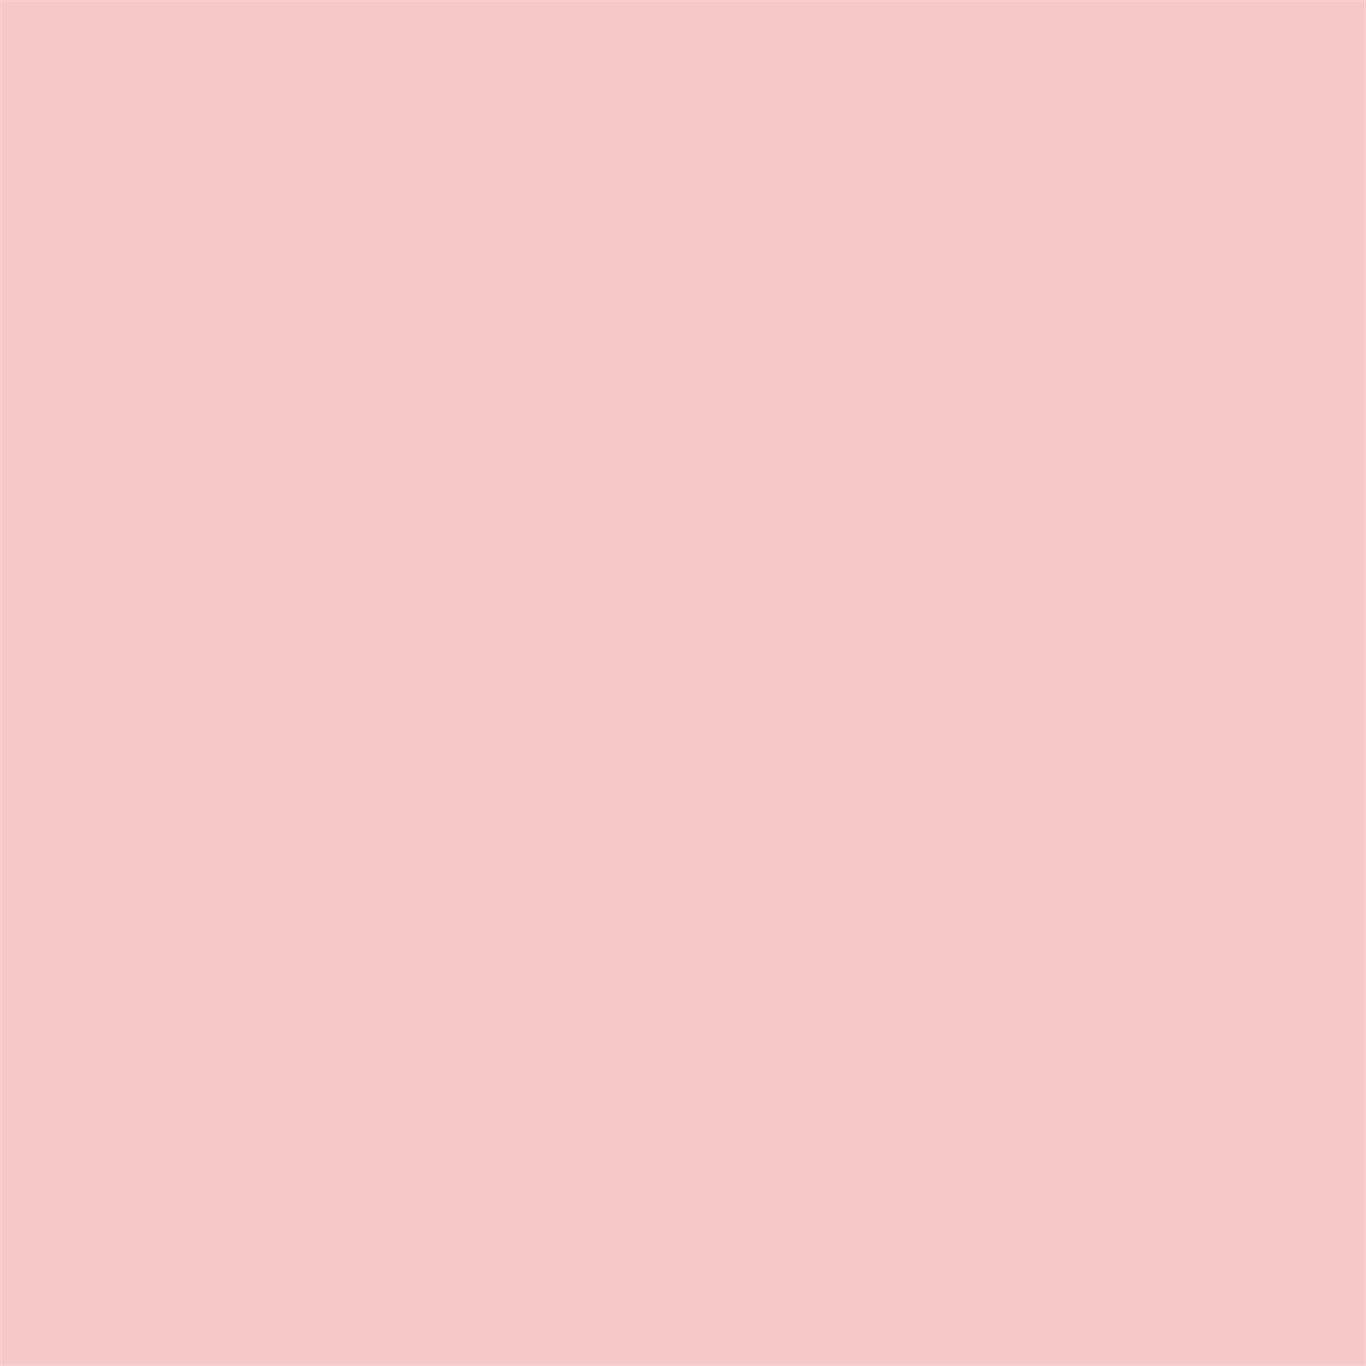 Sanderson Chic Pink Colors Palettes Pinterest Paint Shades